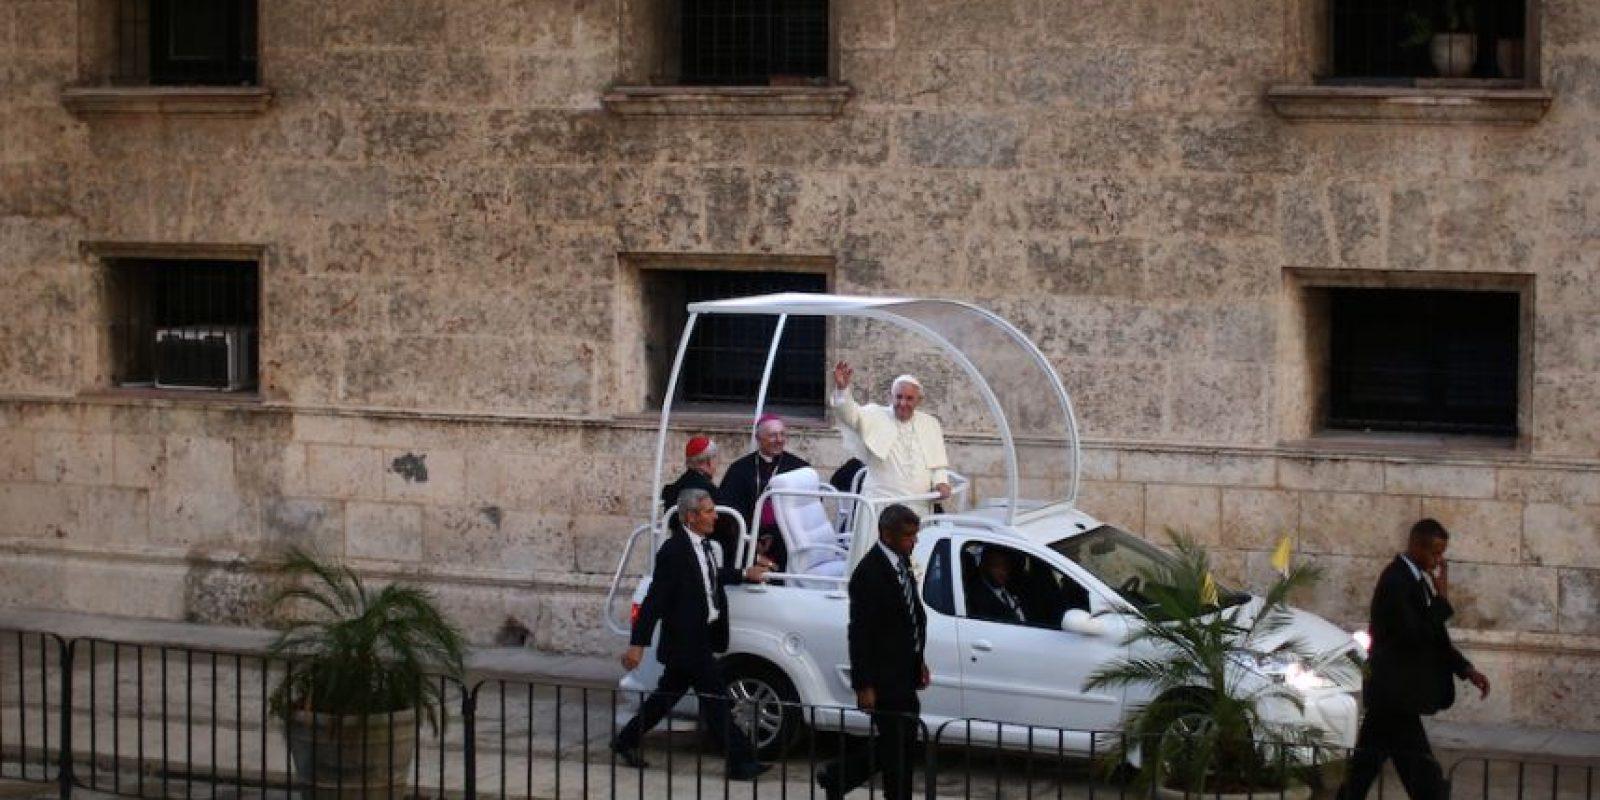 El miércoles 23 el papa llevará a cabo la canonización del español fray Junípero Serra. Este será el primer hispano en ser declarado santo en una iglesia de Estados Unidos. Foto:Getty Images